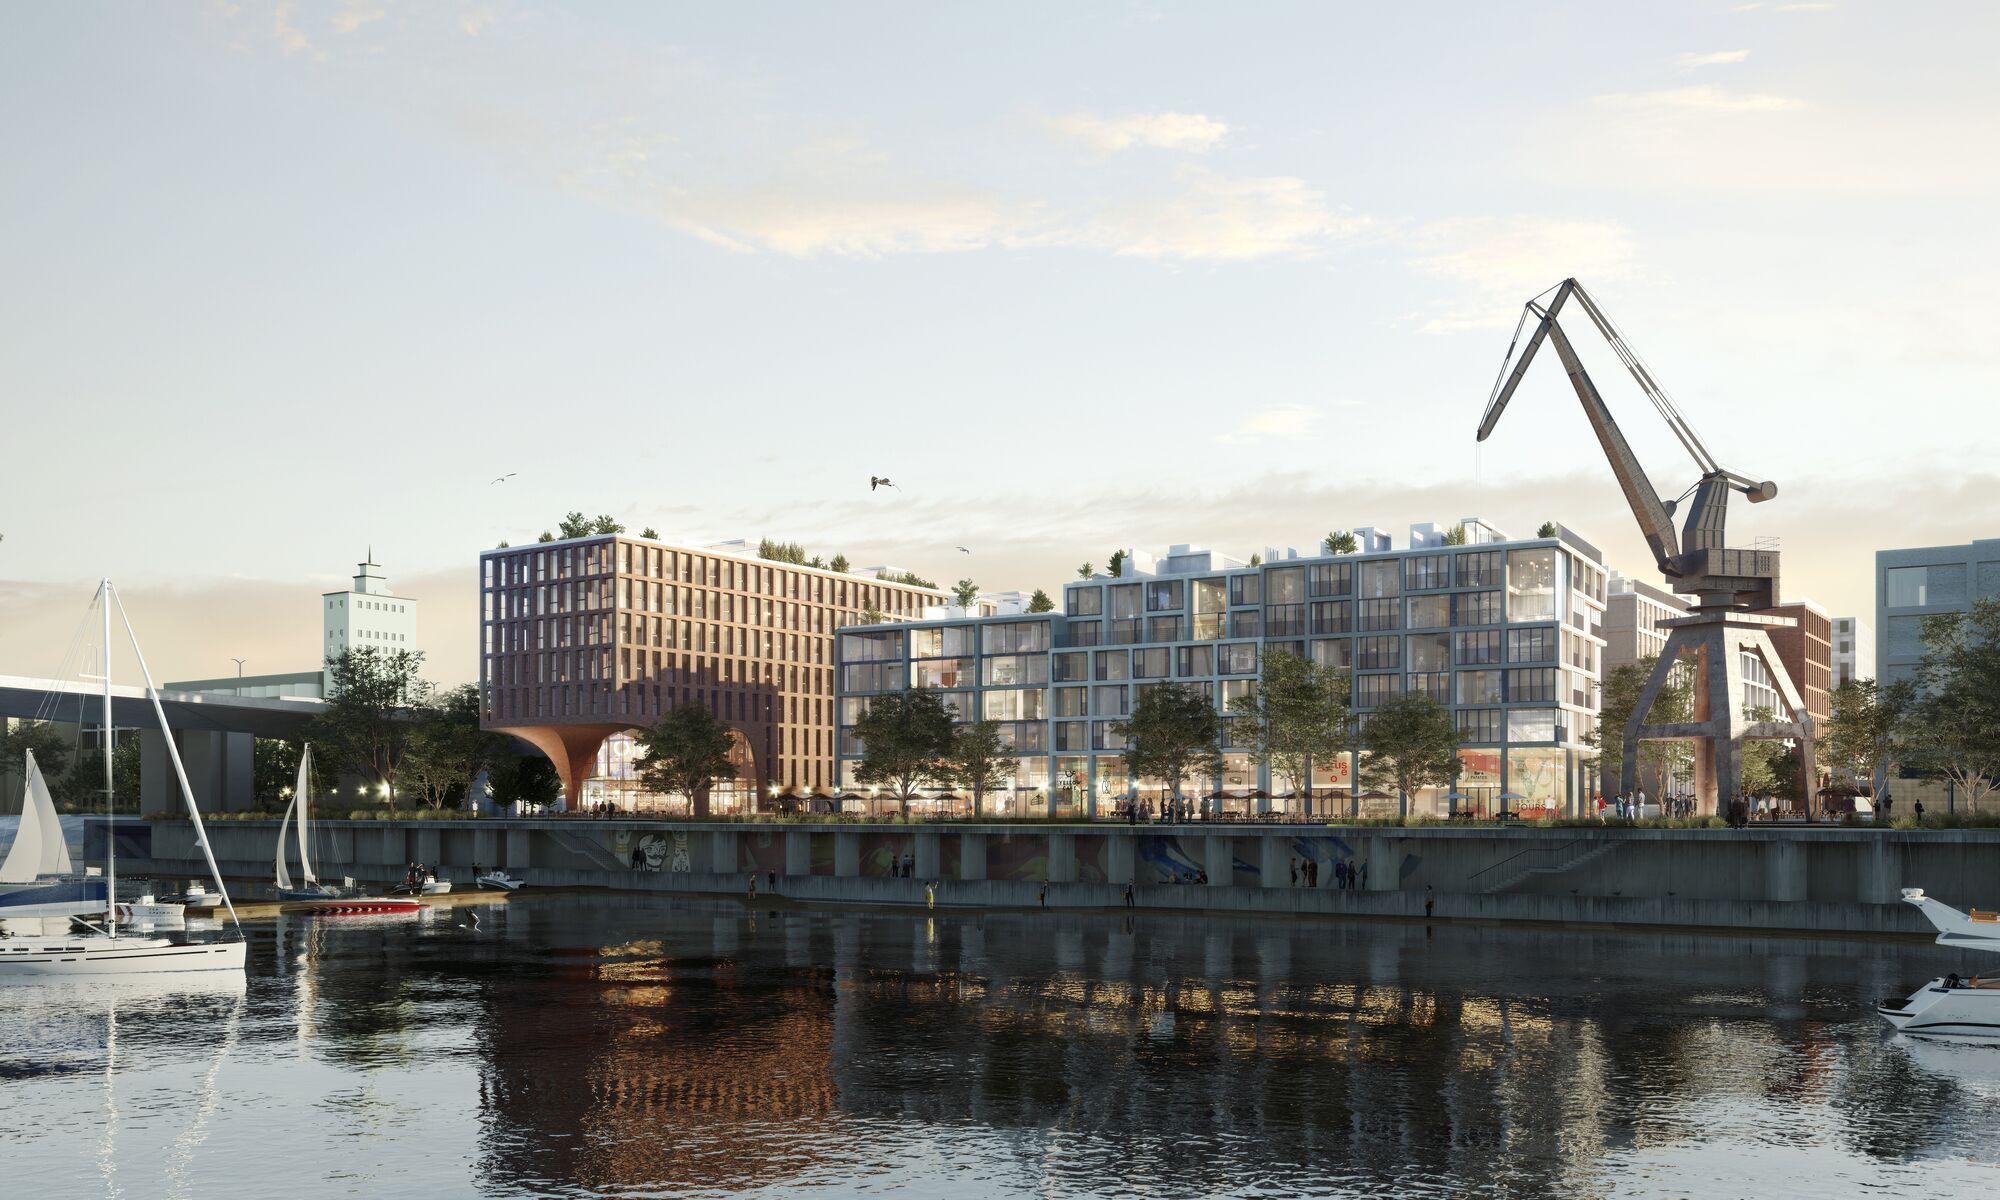 У Києві незабаром з'явиться нове місце для відпочинку й розваг біля води